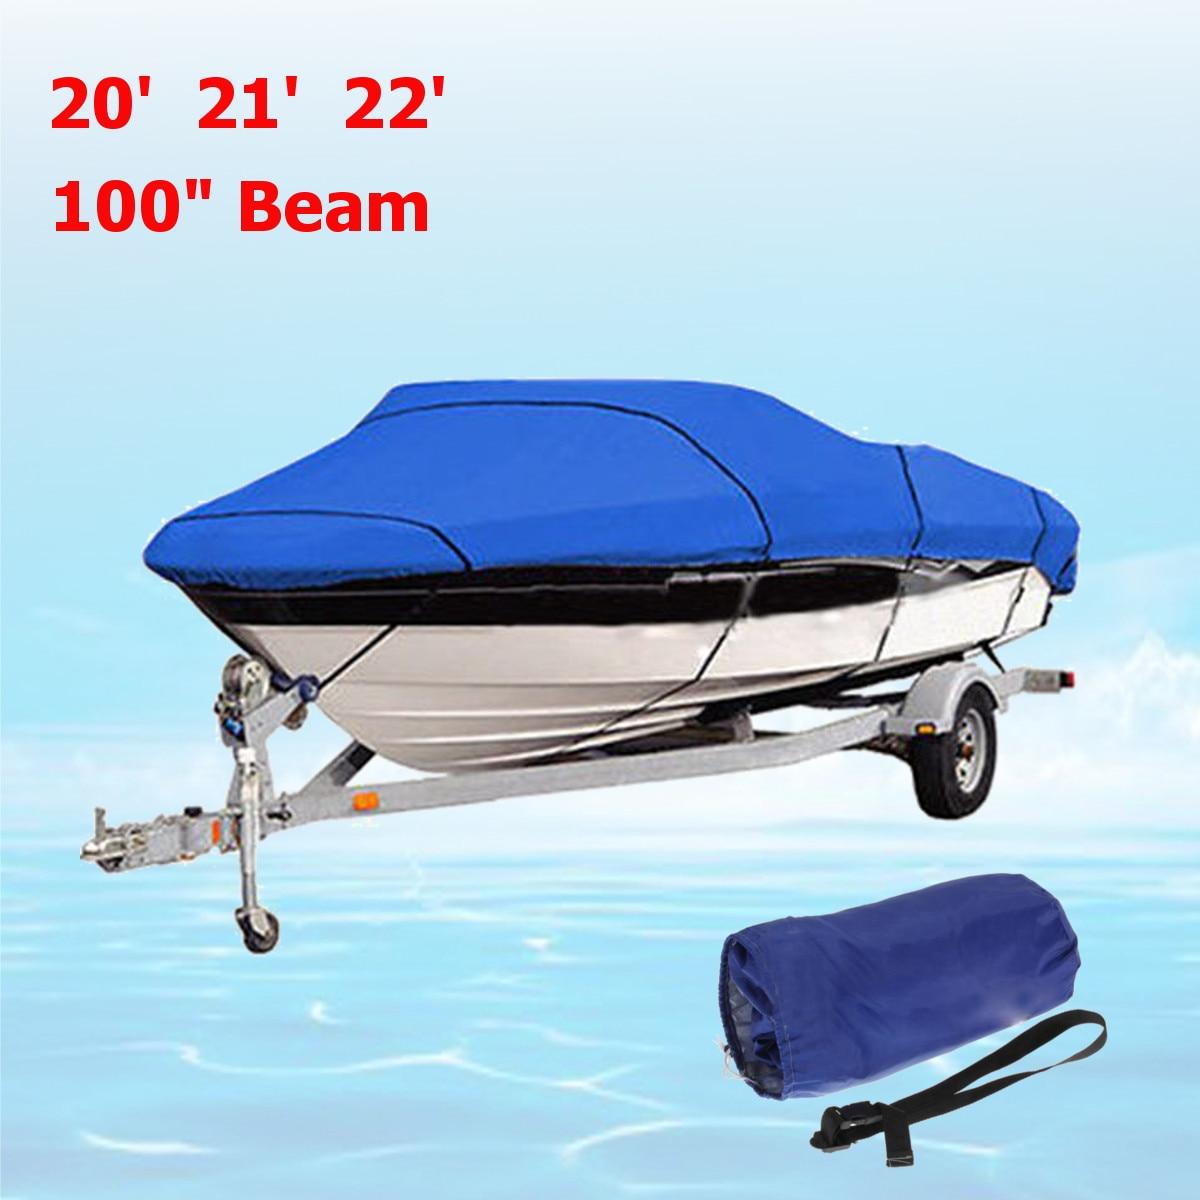 Тяжелый рыболовный лыжный Runboat Лодка Крышка 20-22 футов 100 дюймов луч v-корпус водостойкий синий водостойкий комплект